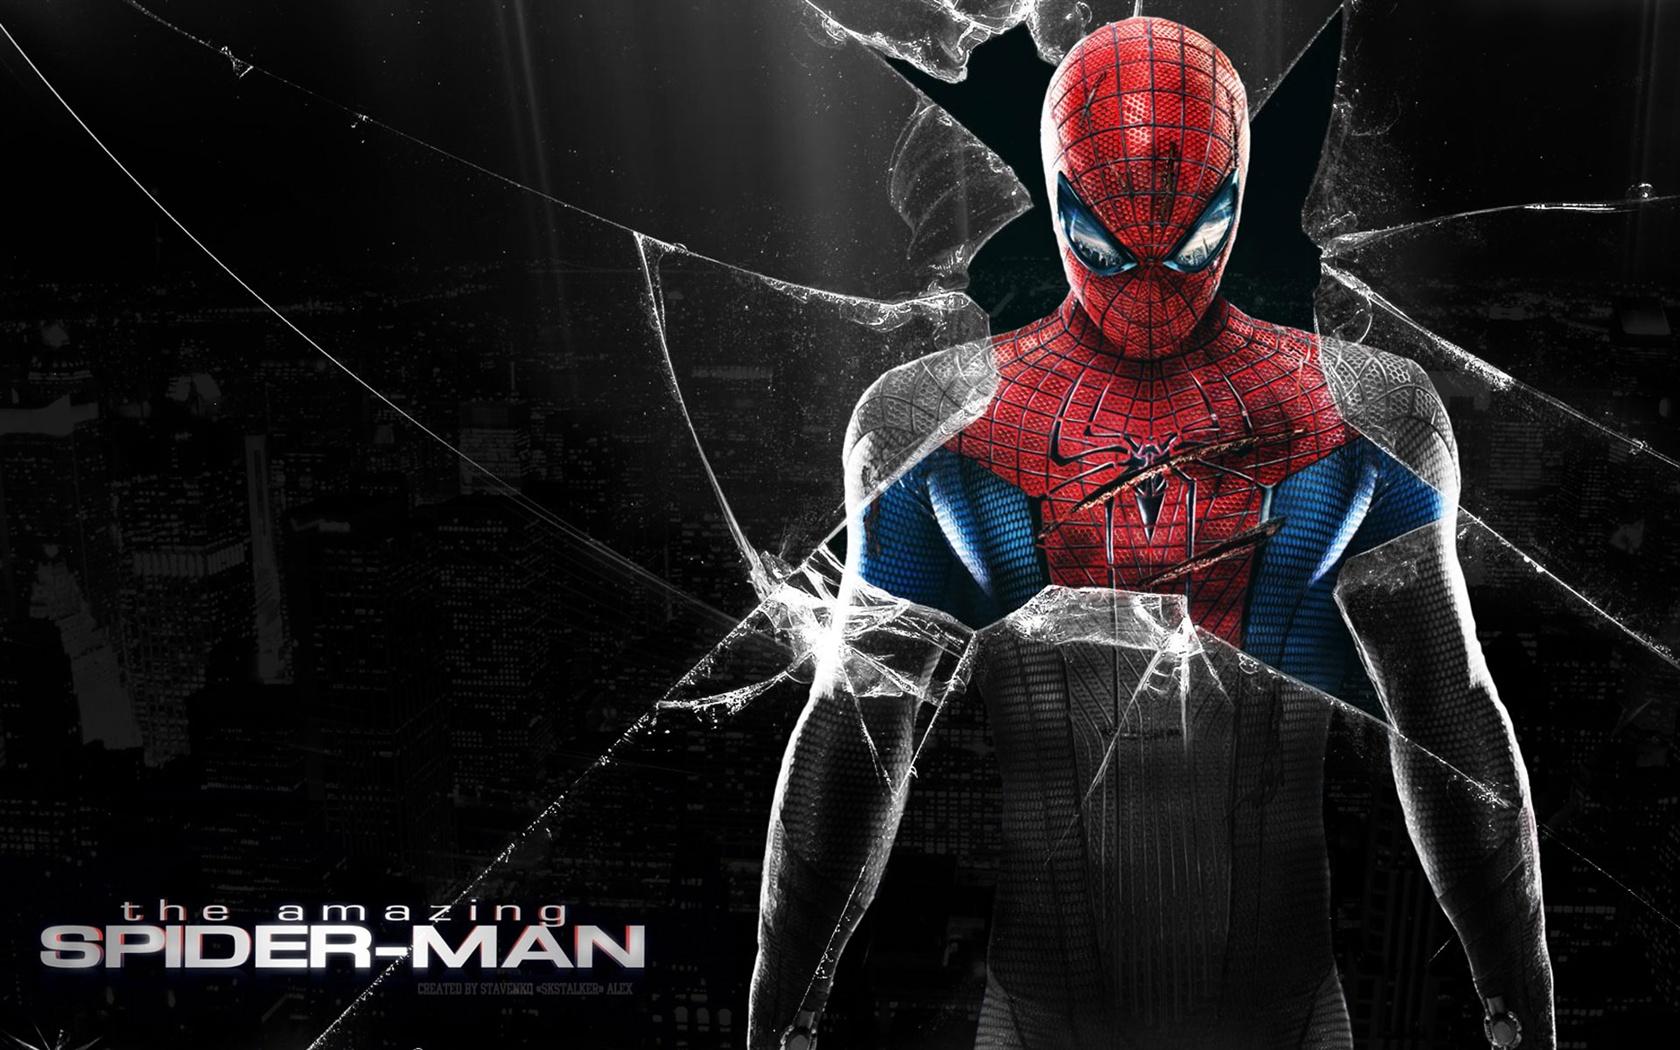 10 New Amazing 3d Animated Wallpapers Hd Full Hd 1080p For: 壁紙 2012アメイジングスパイダーマン 1920x1200 HD 無料のデスクトップの背景, 画像